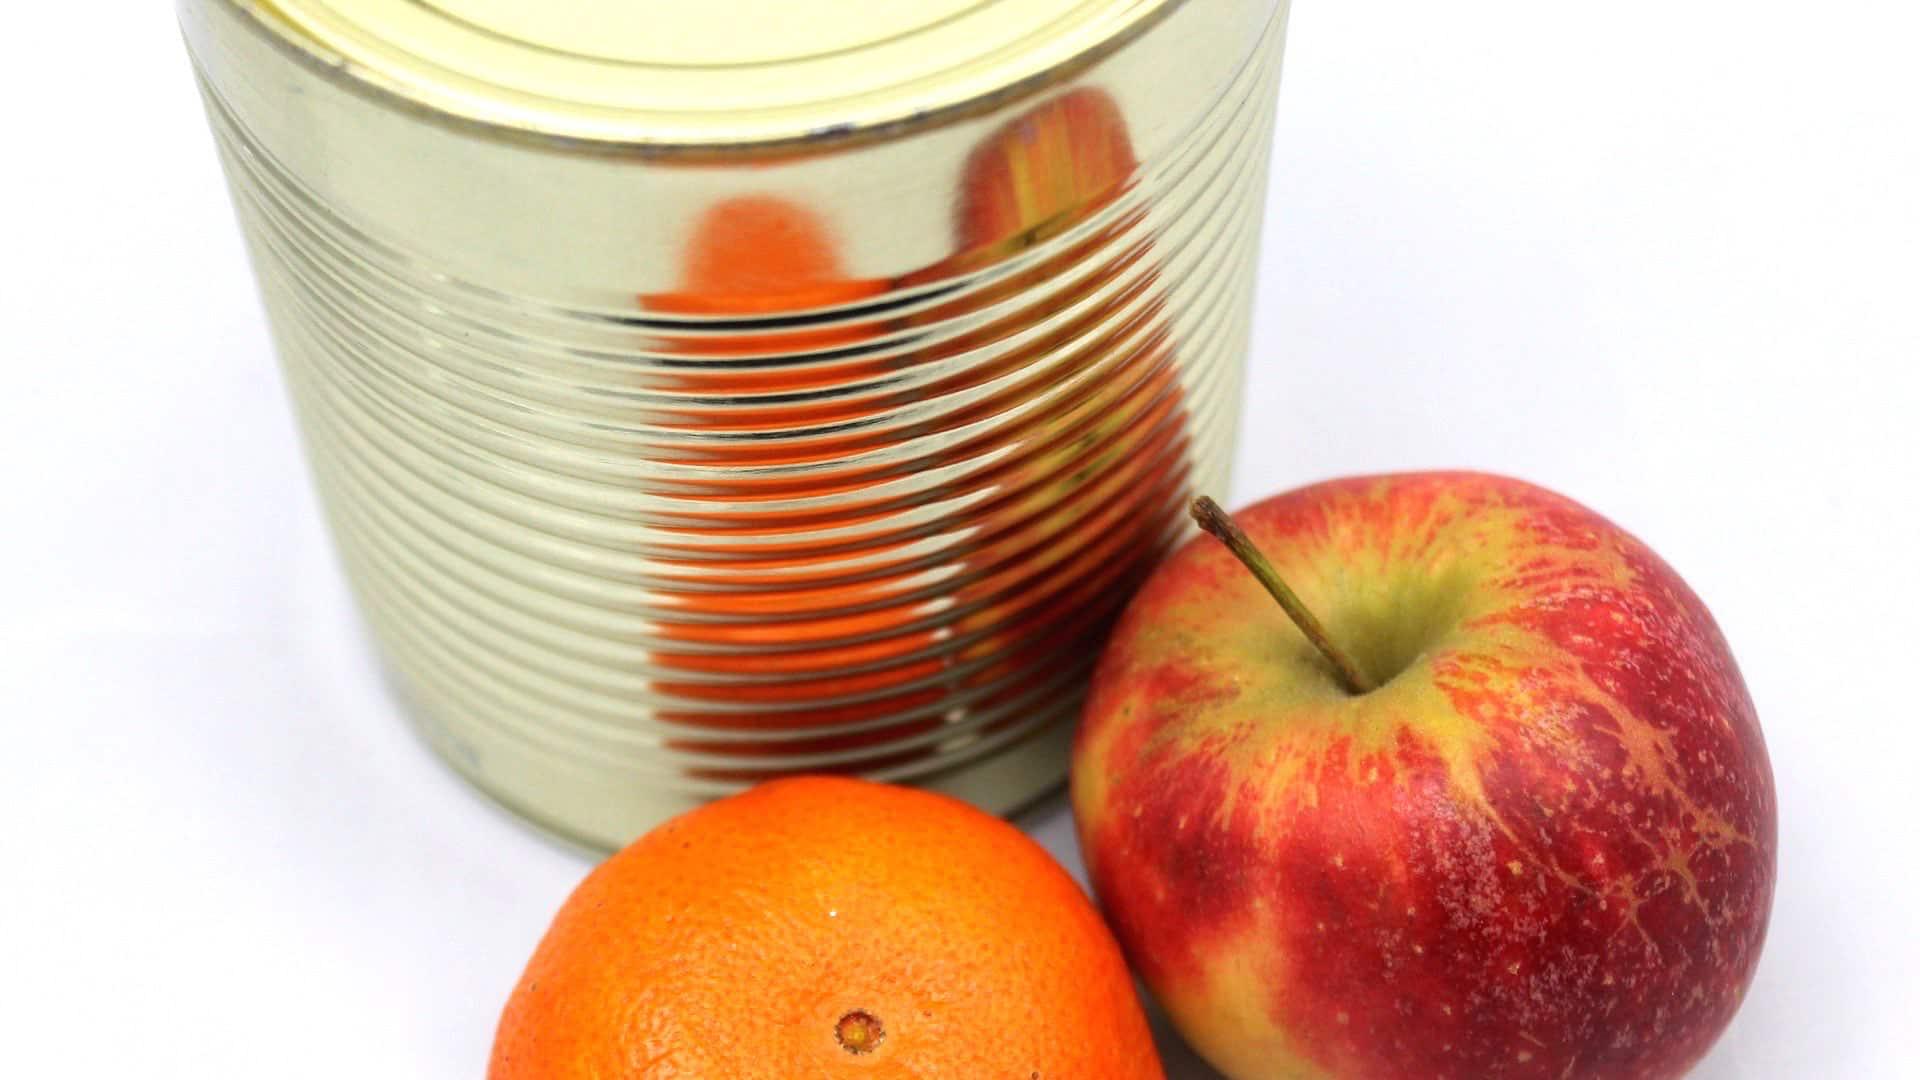 ¿Deberías usar alimentos enlatados? Lo que dicen los expertos en salud